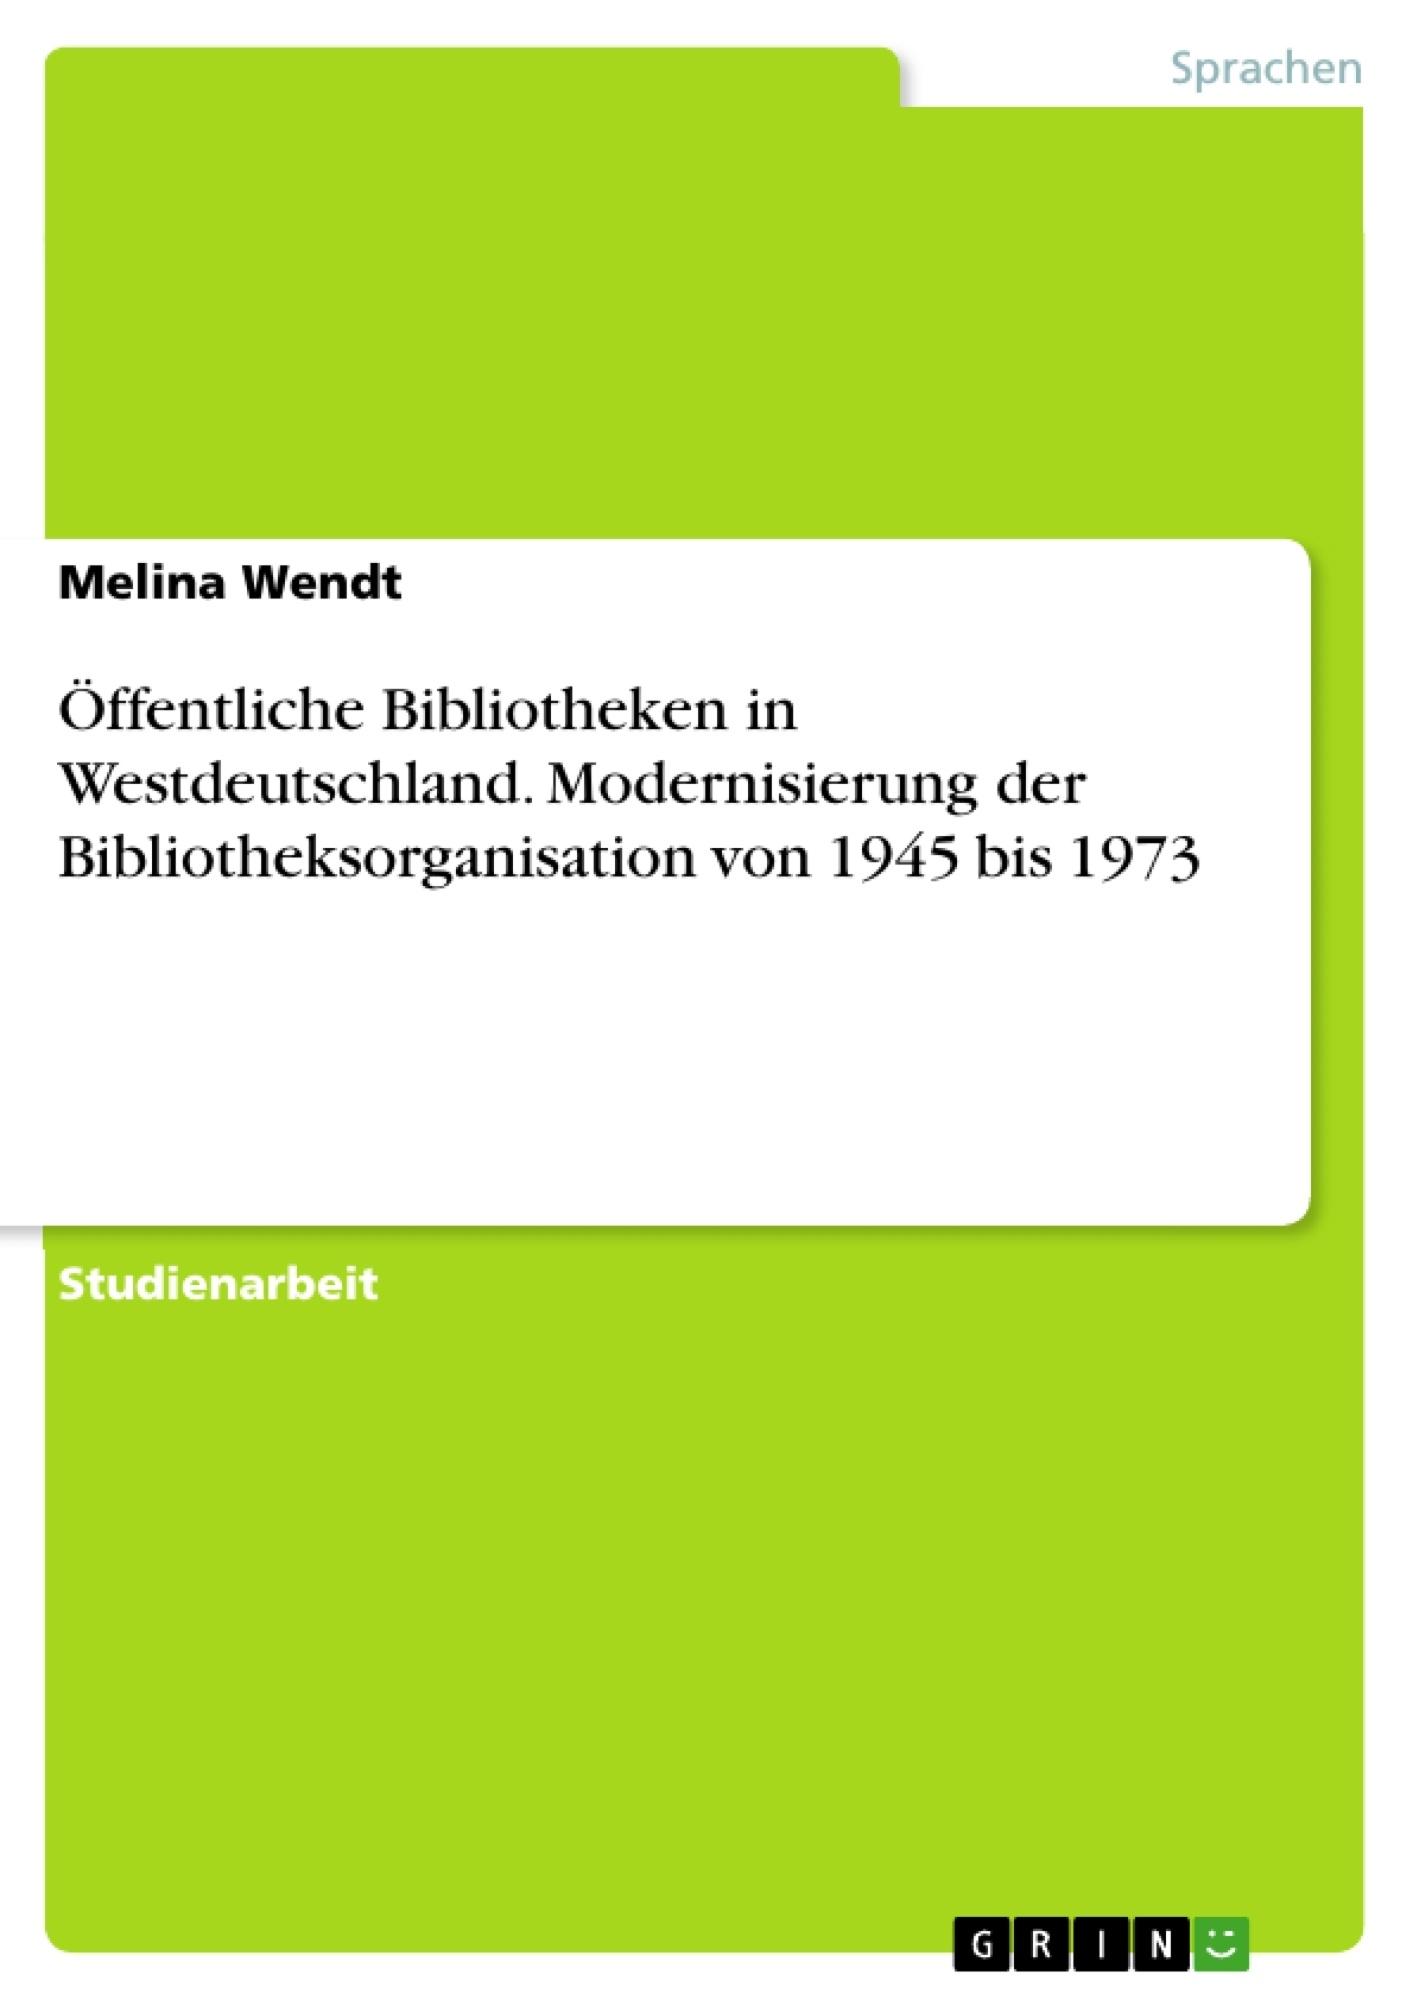 Titel: Öffentliche Bibliotheken in Westdeutschland. Modernisierung der Bibliotheksorganisation von 1945 bis 1973